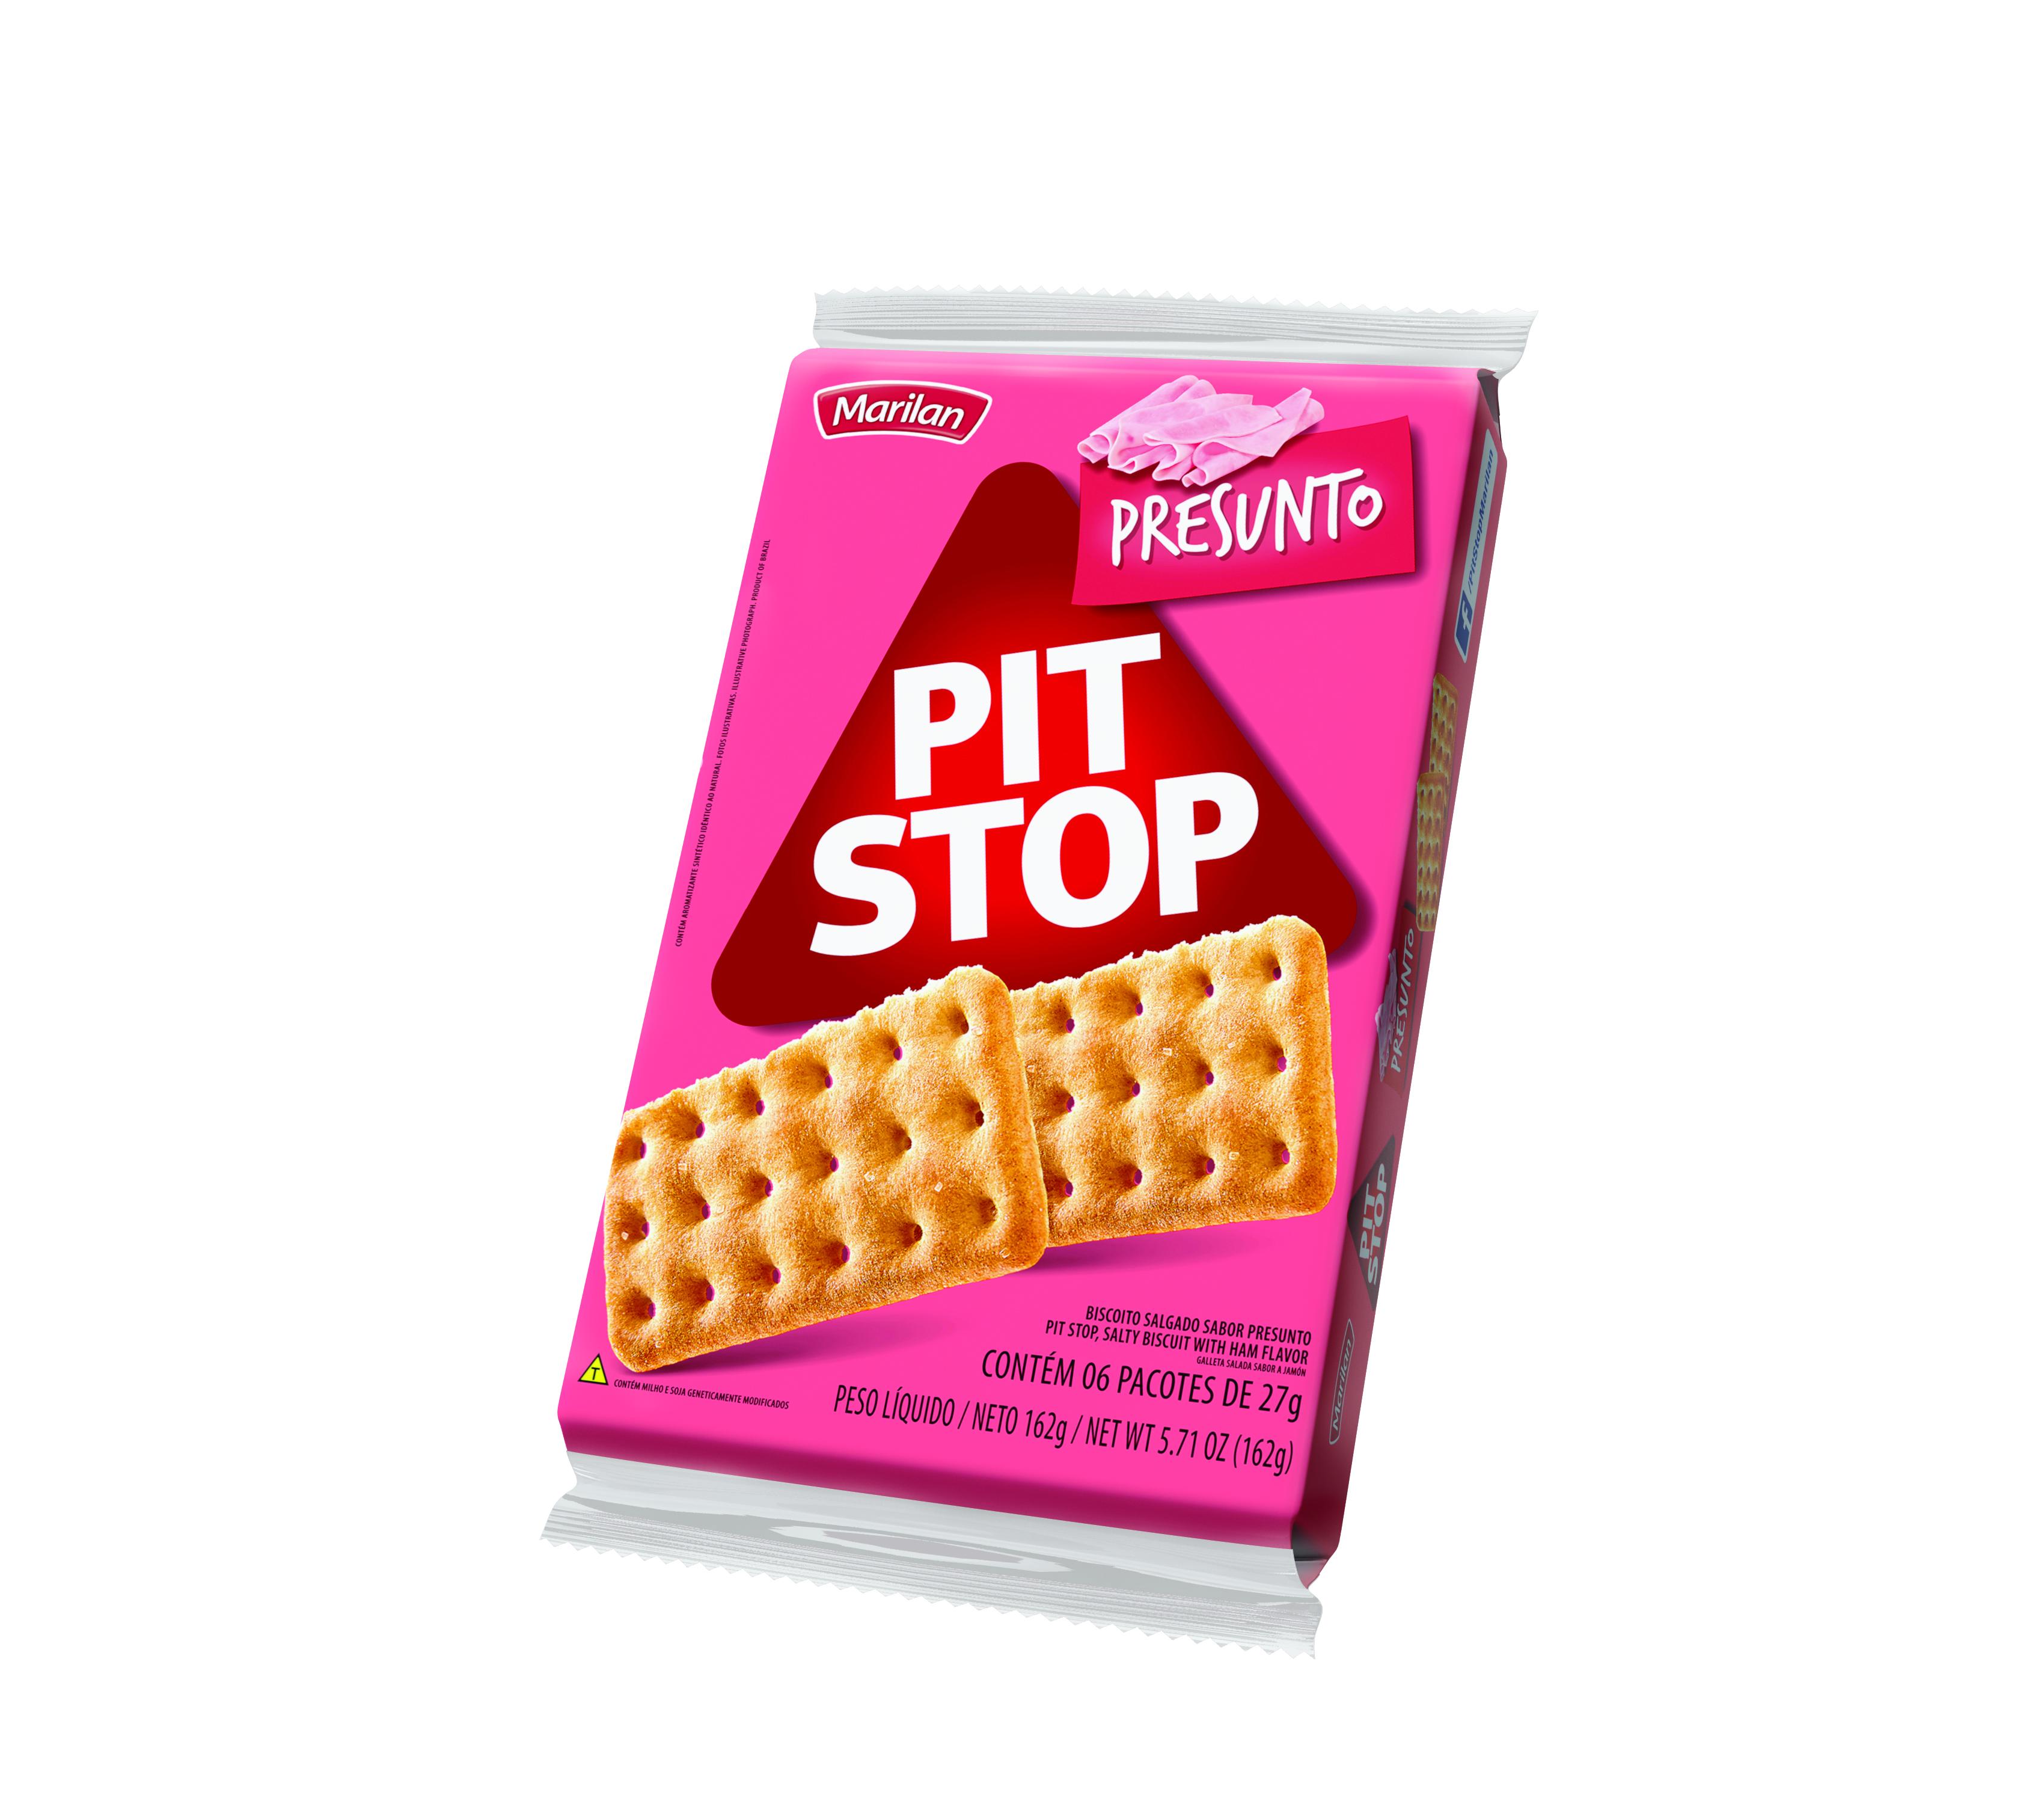 BISC MARILAN PIT STOP PRESUNTO 162G